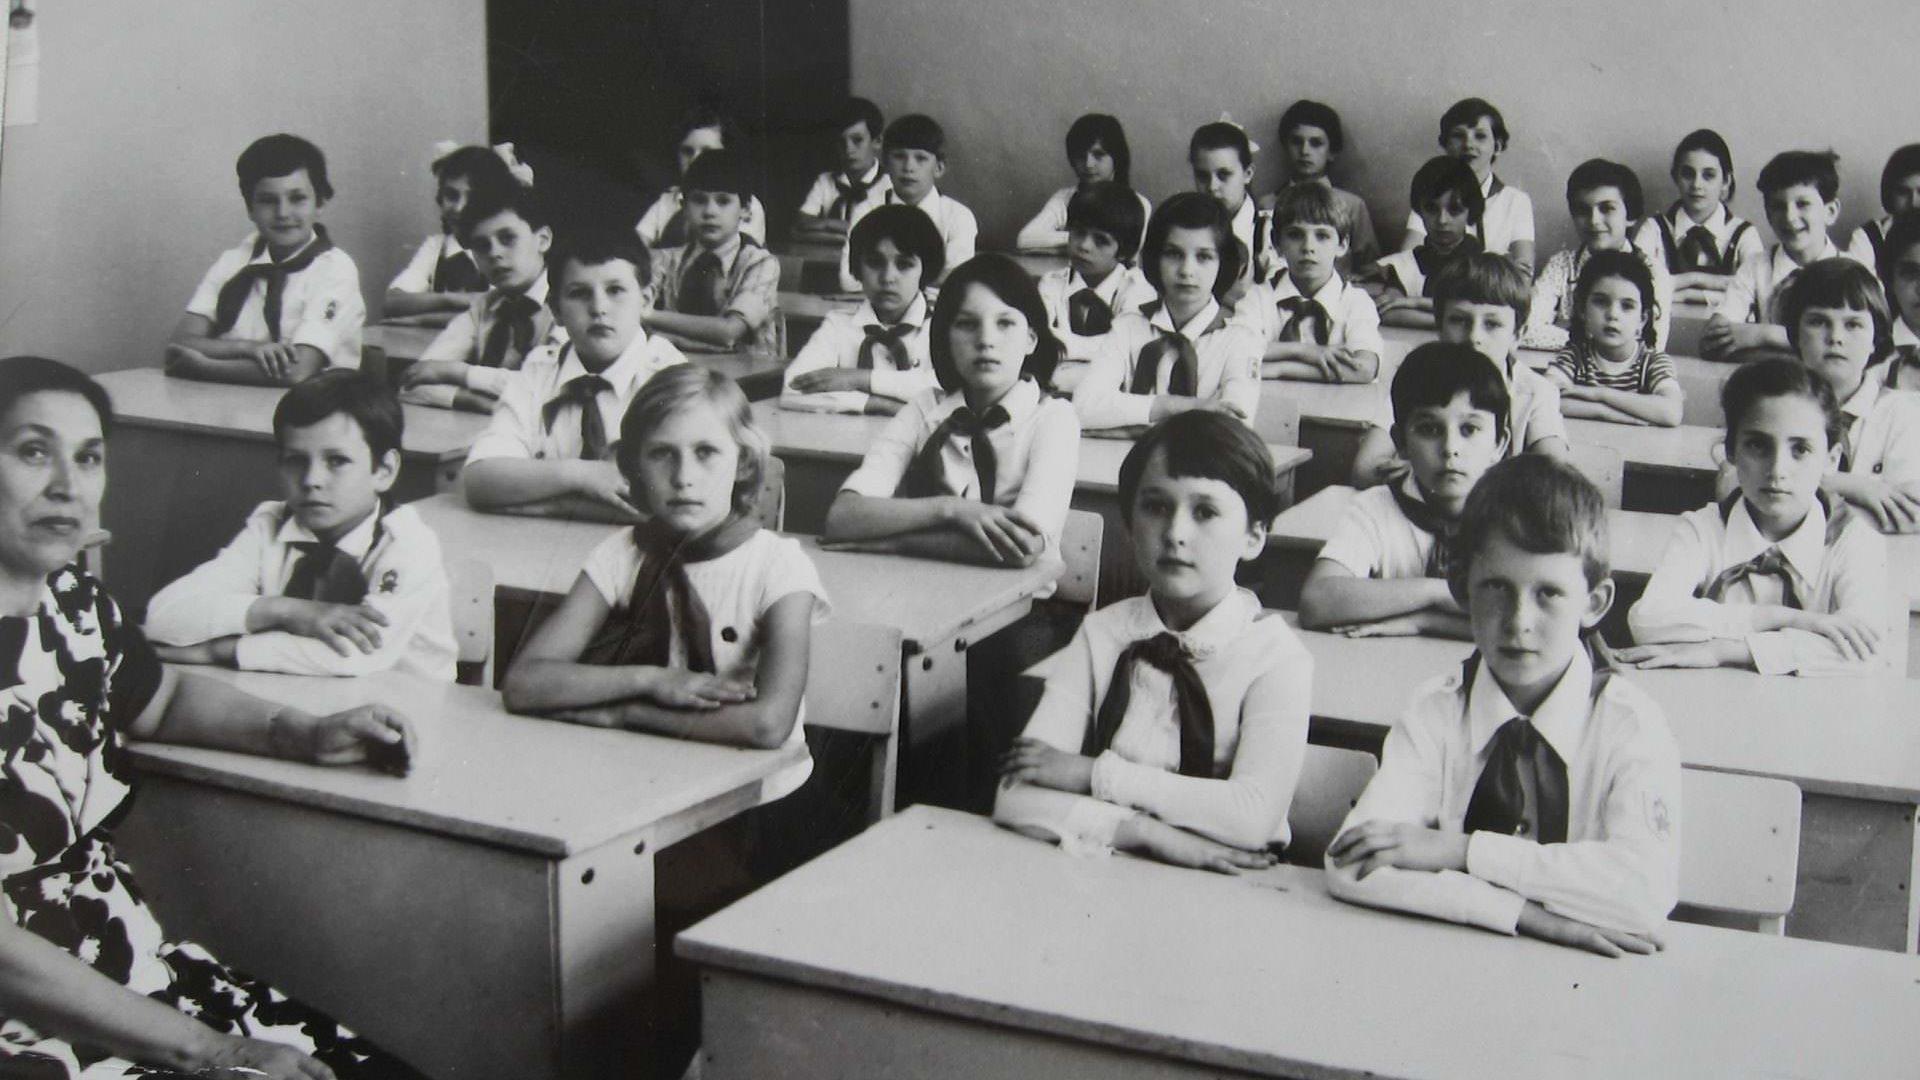 Зачем изъяли Сталинский букварь. Революционные советские учебники, которым завидовали в США История,общество,Политика